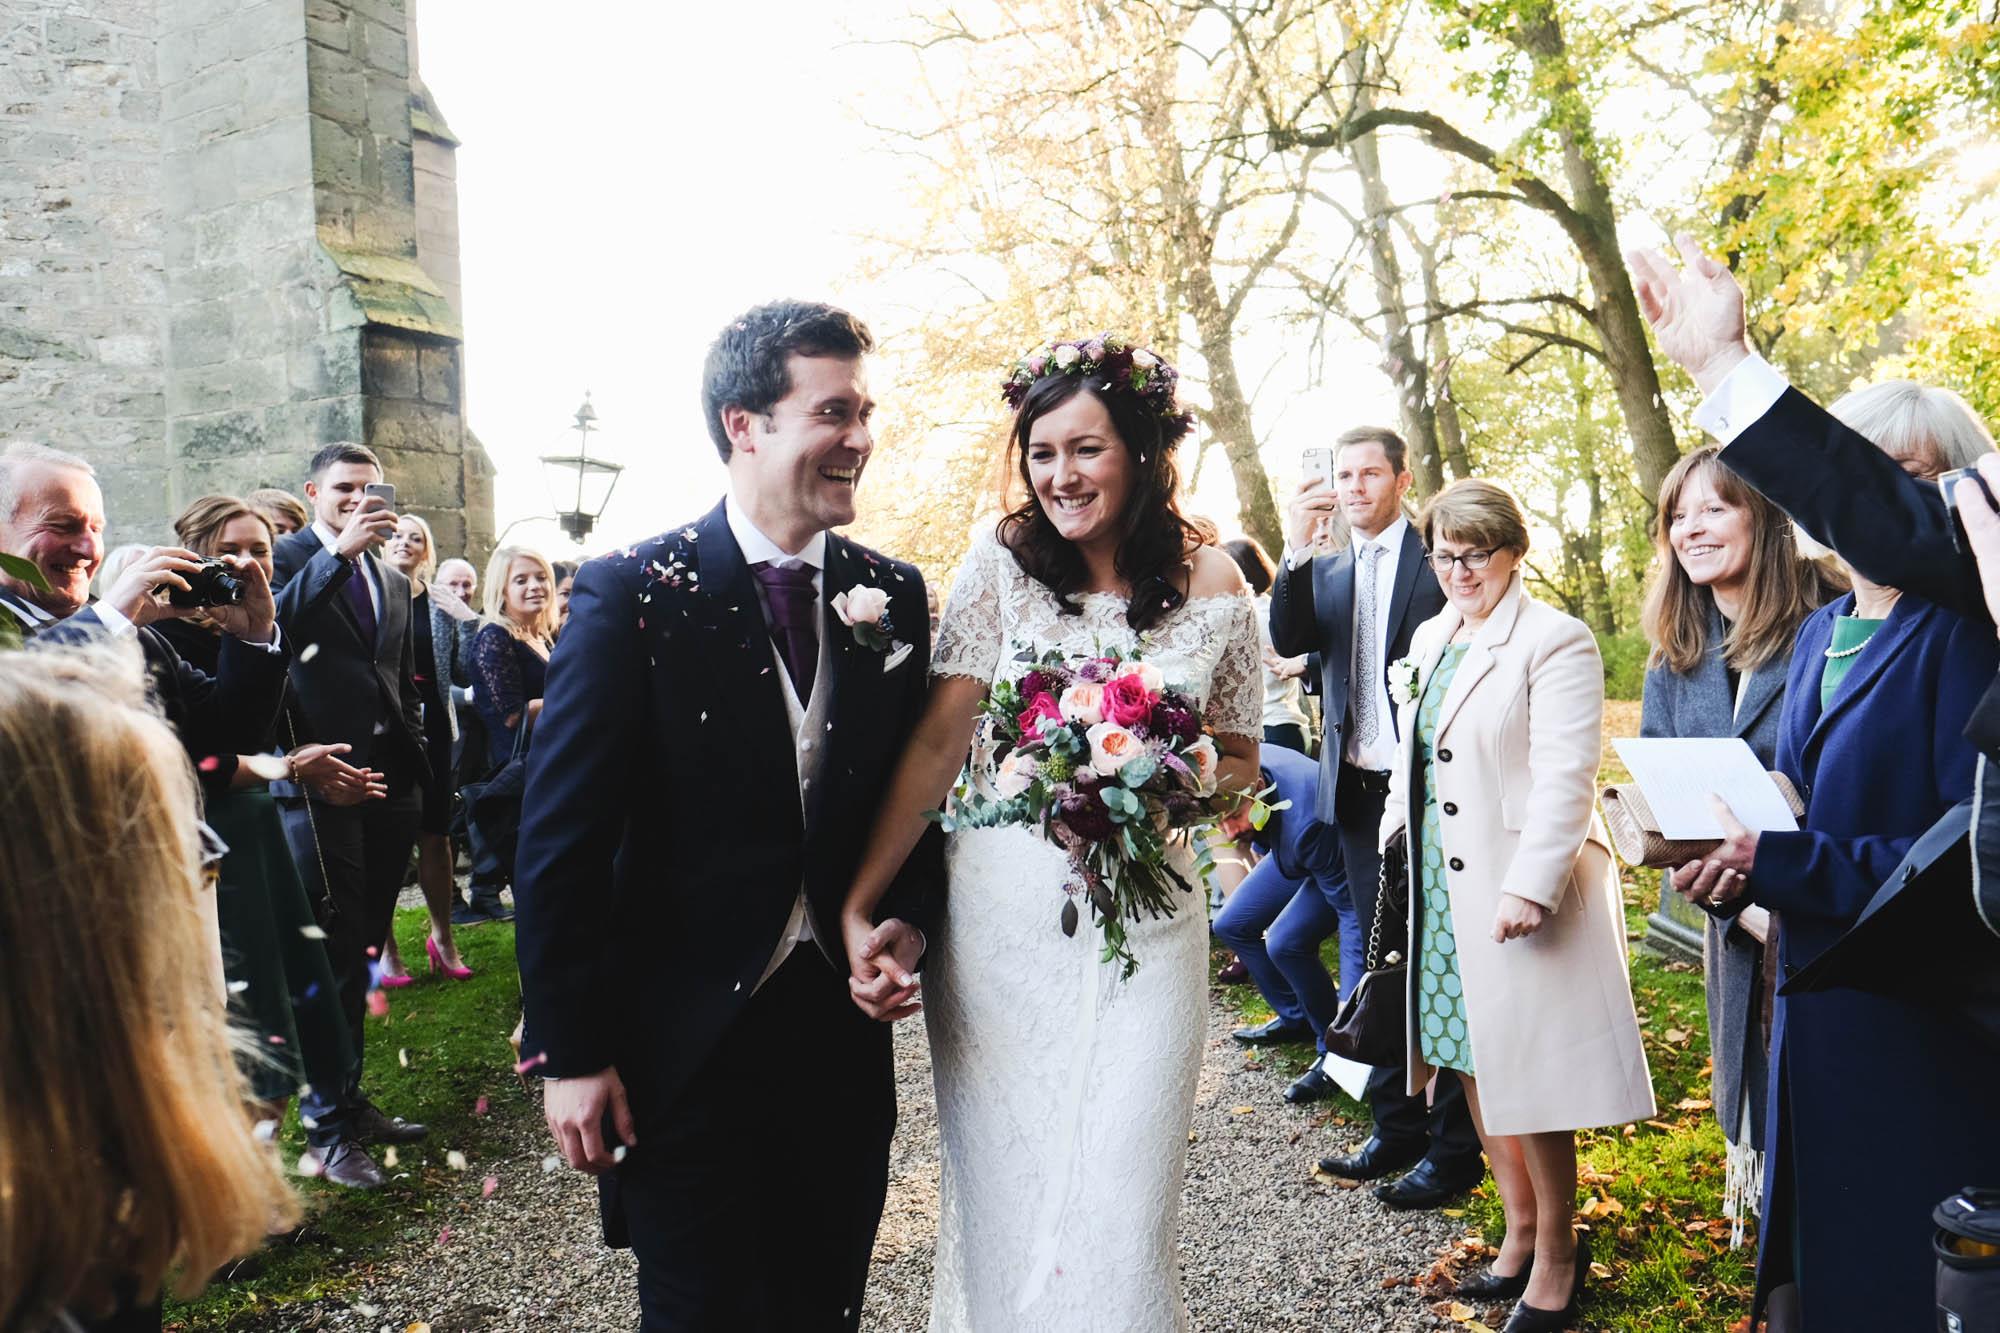 Brautpaar im Konfettiregen nach der Trauung in England